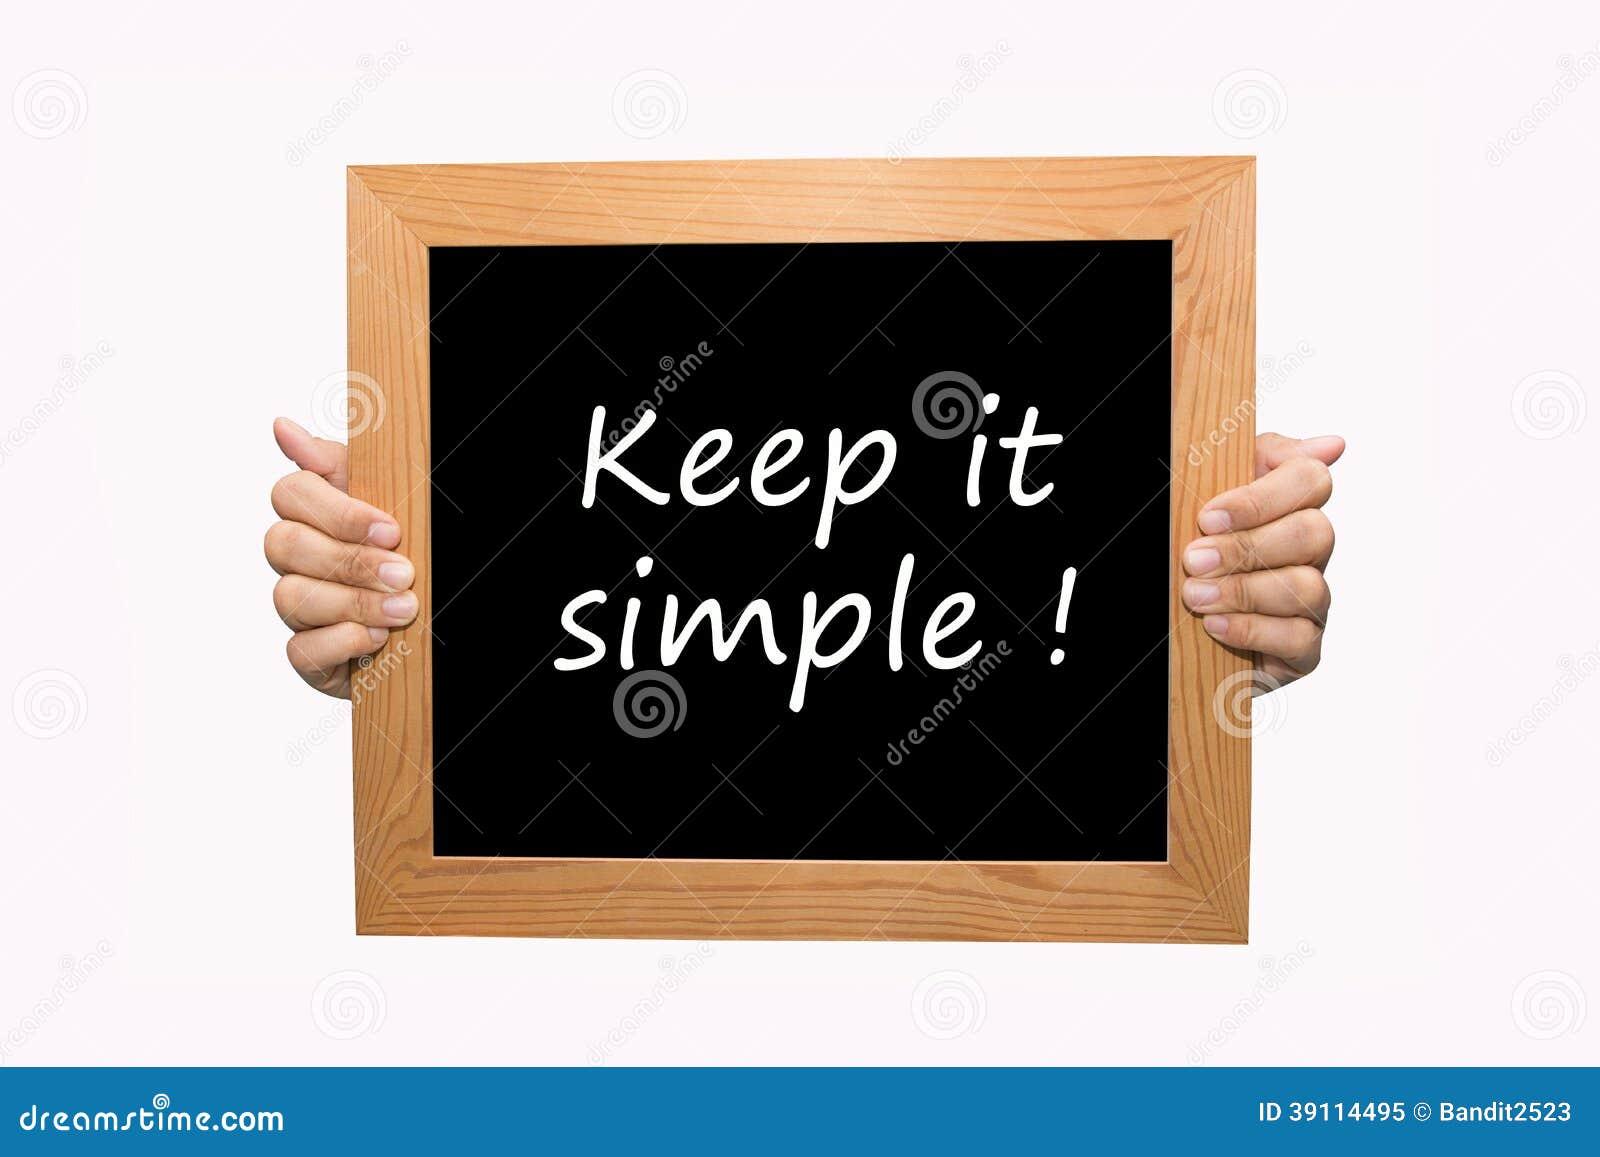 Houd het eenvoudig!